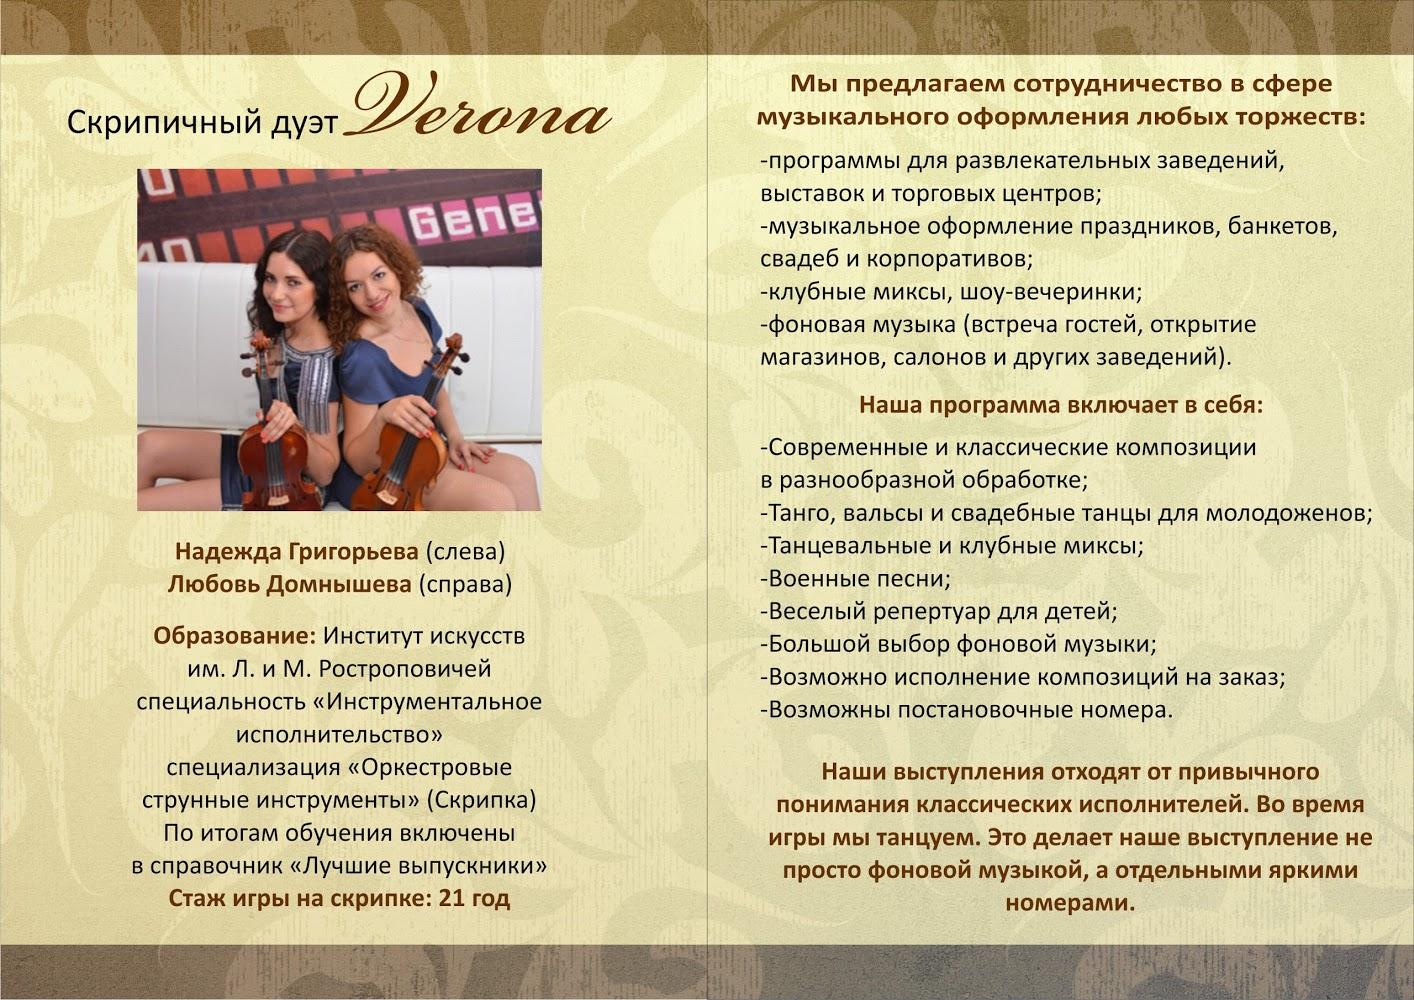 Скрипичный шоу-дуэт Verona (Верона)